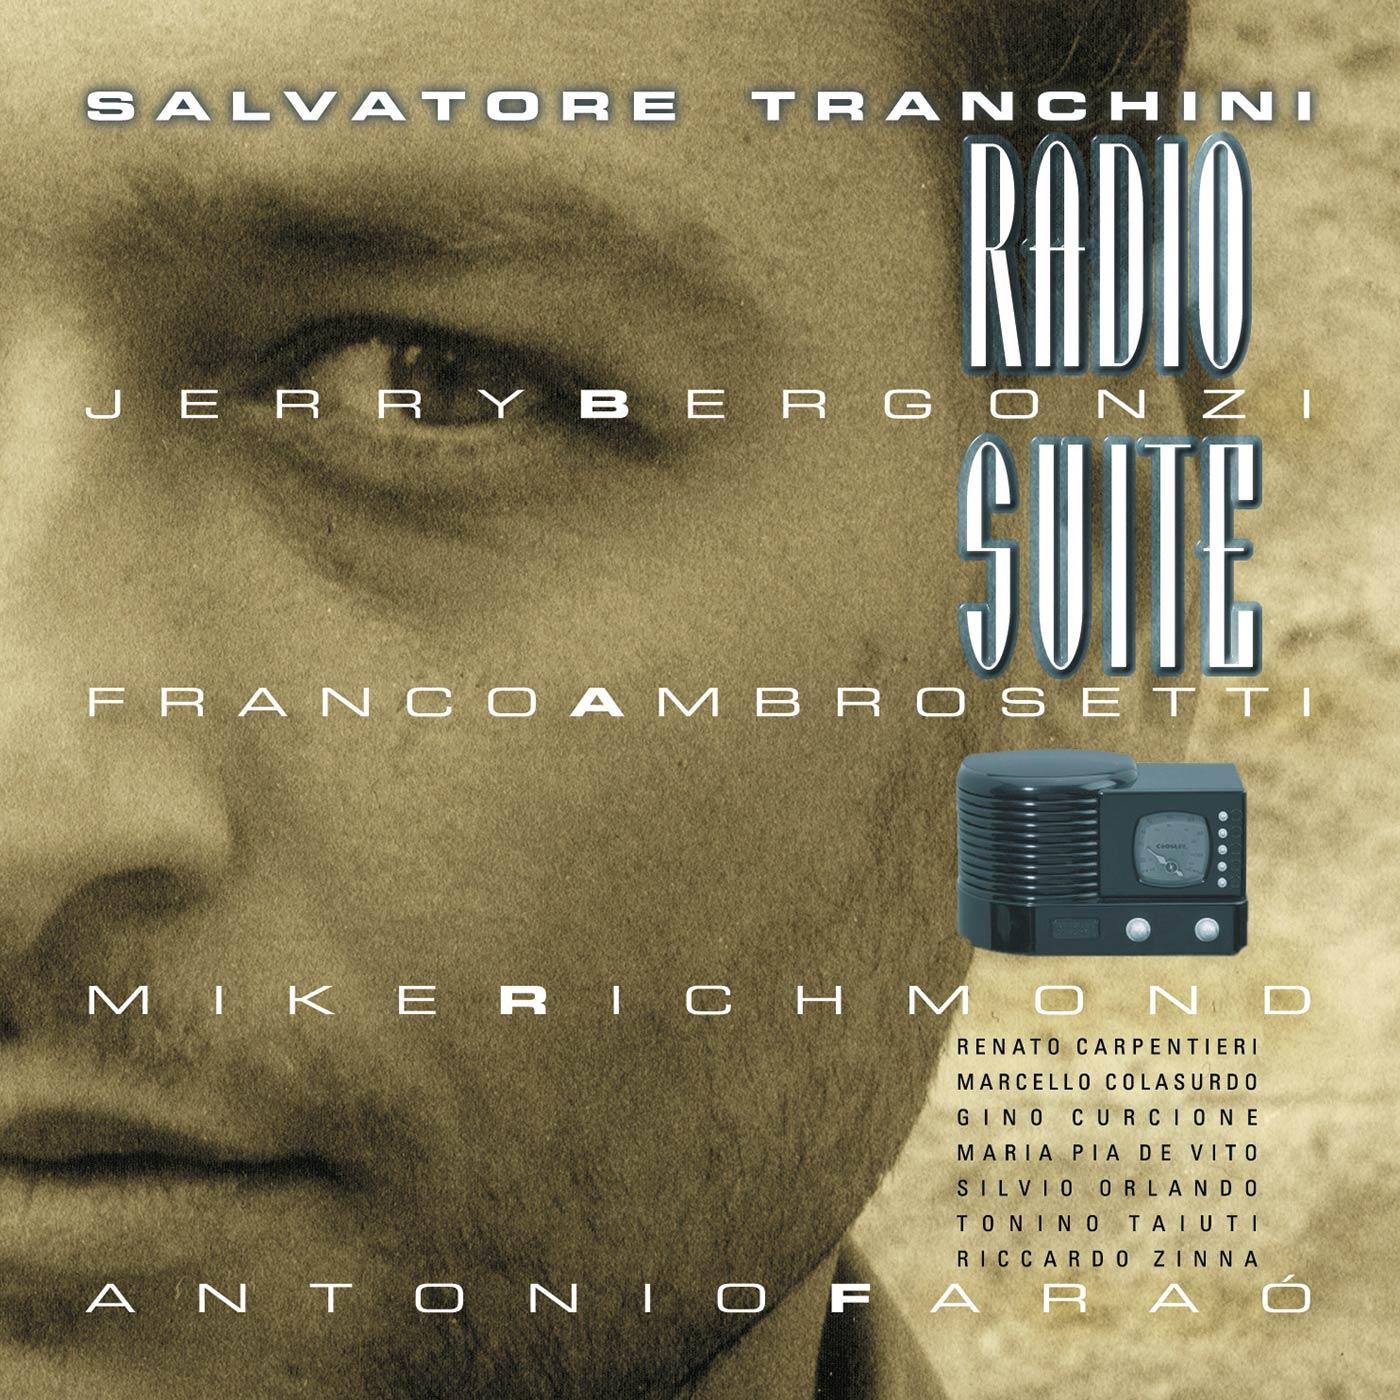 Radio Suite - Salvatore Tranchini with Jerry Bergonzi & Franco Ambrosetti